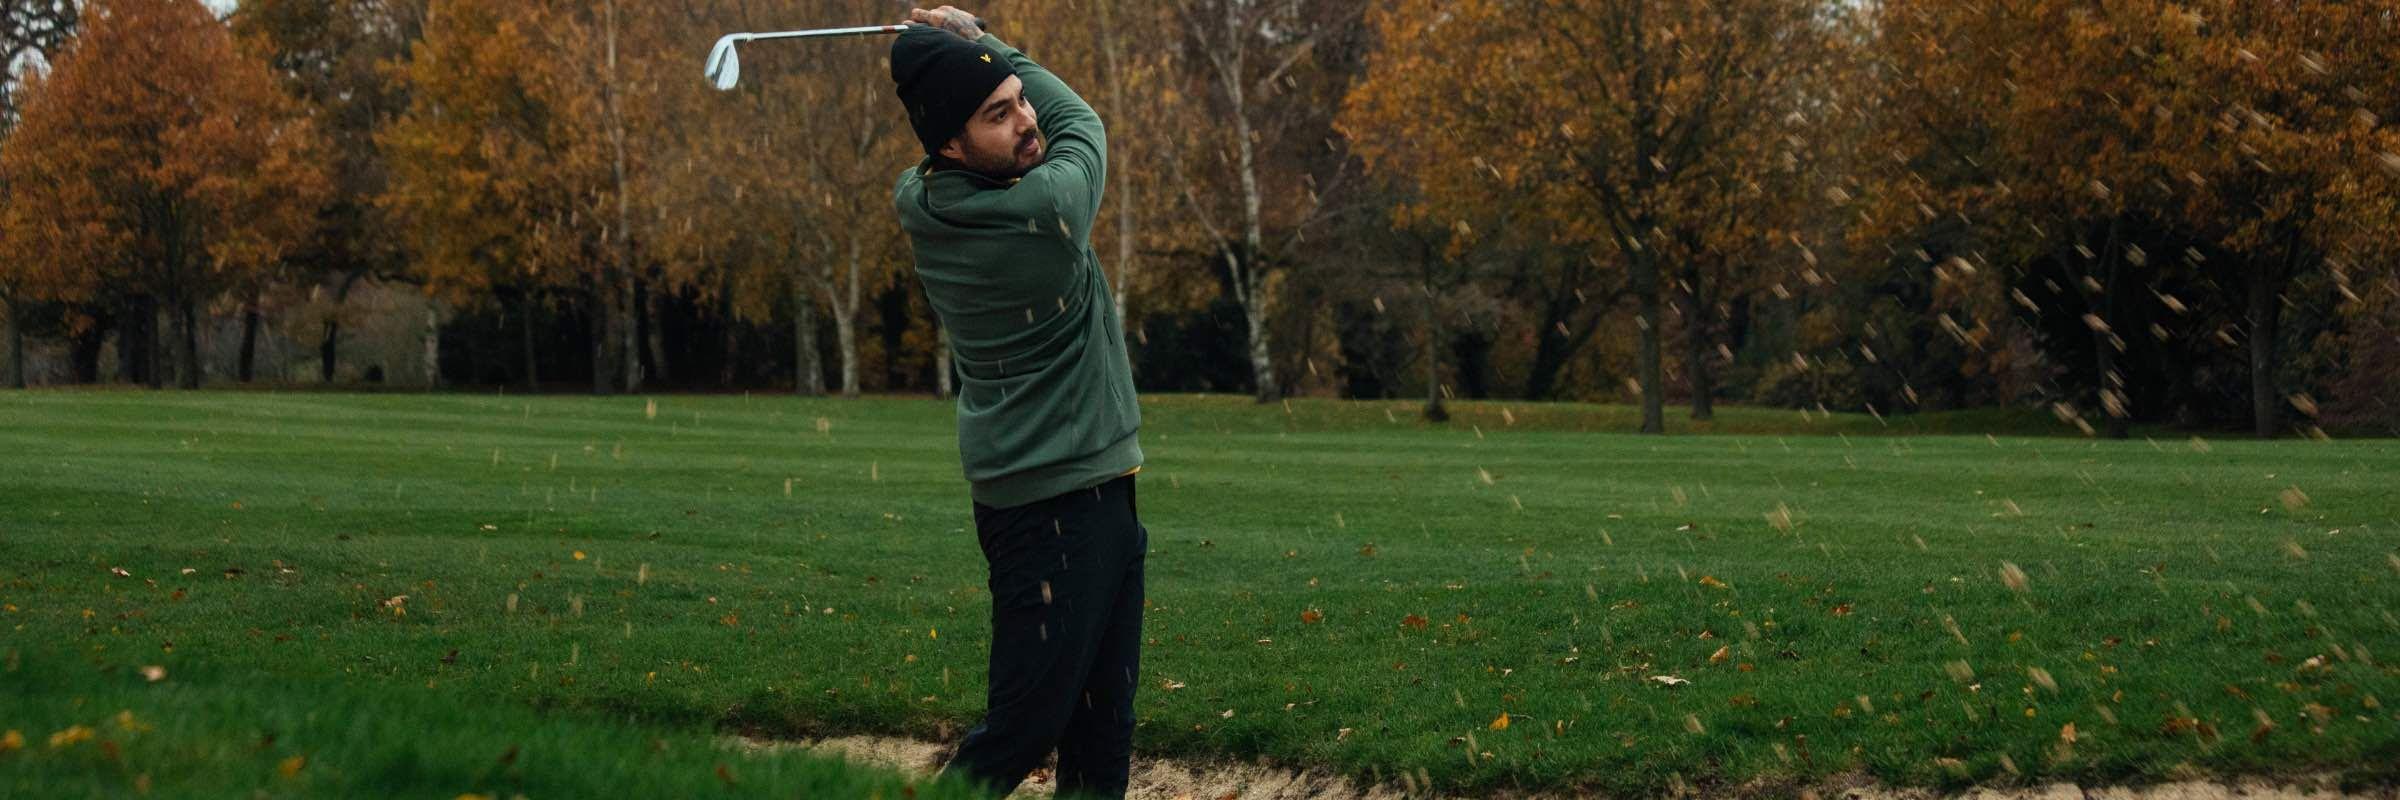 Golfkläder höstgolf